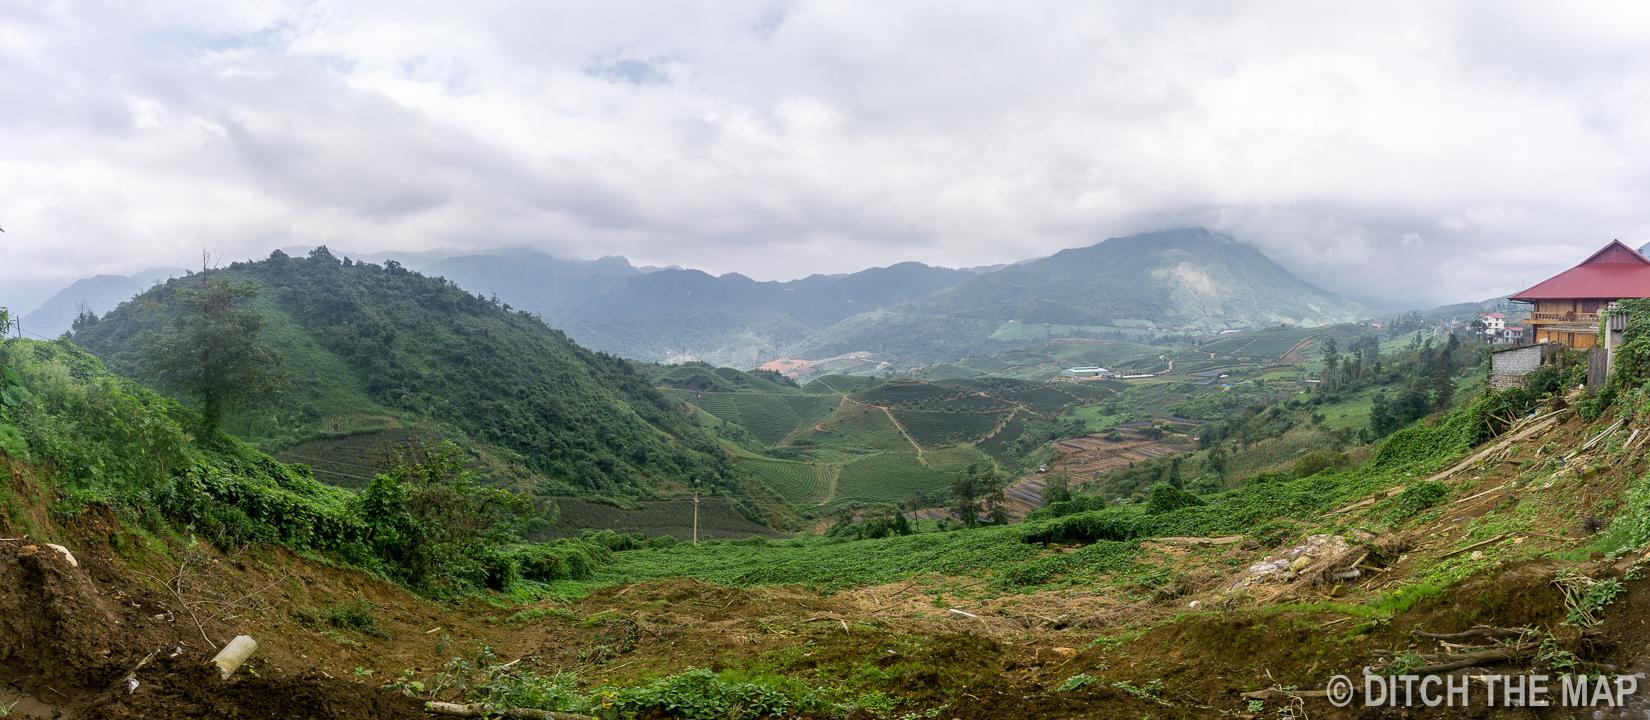 View of Sapa, Vietnam